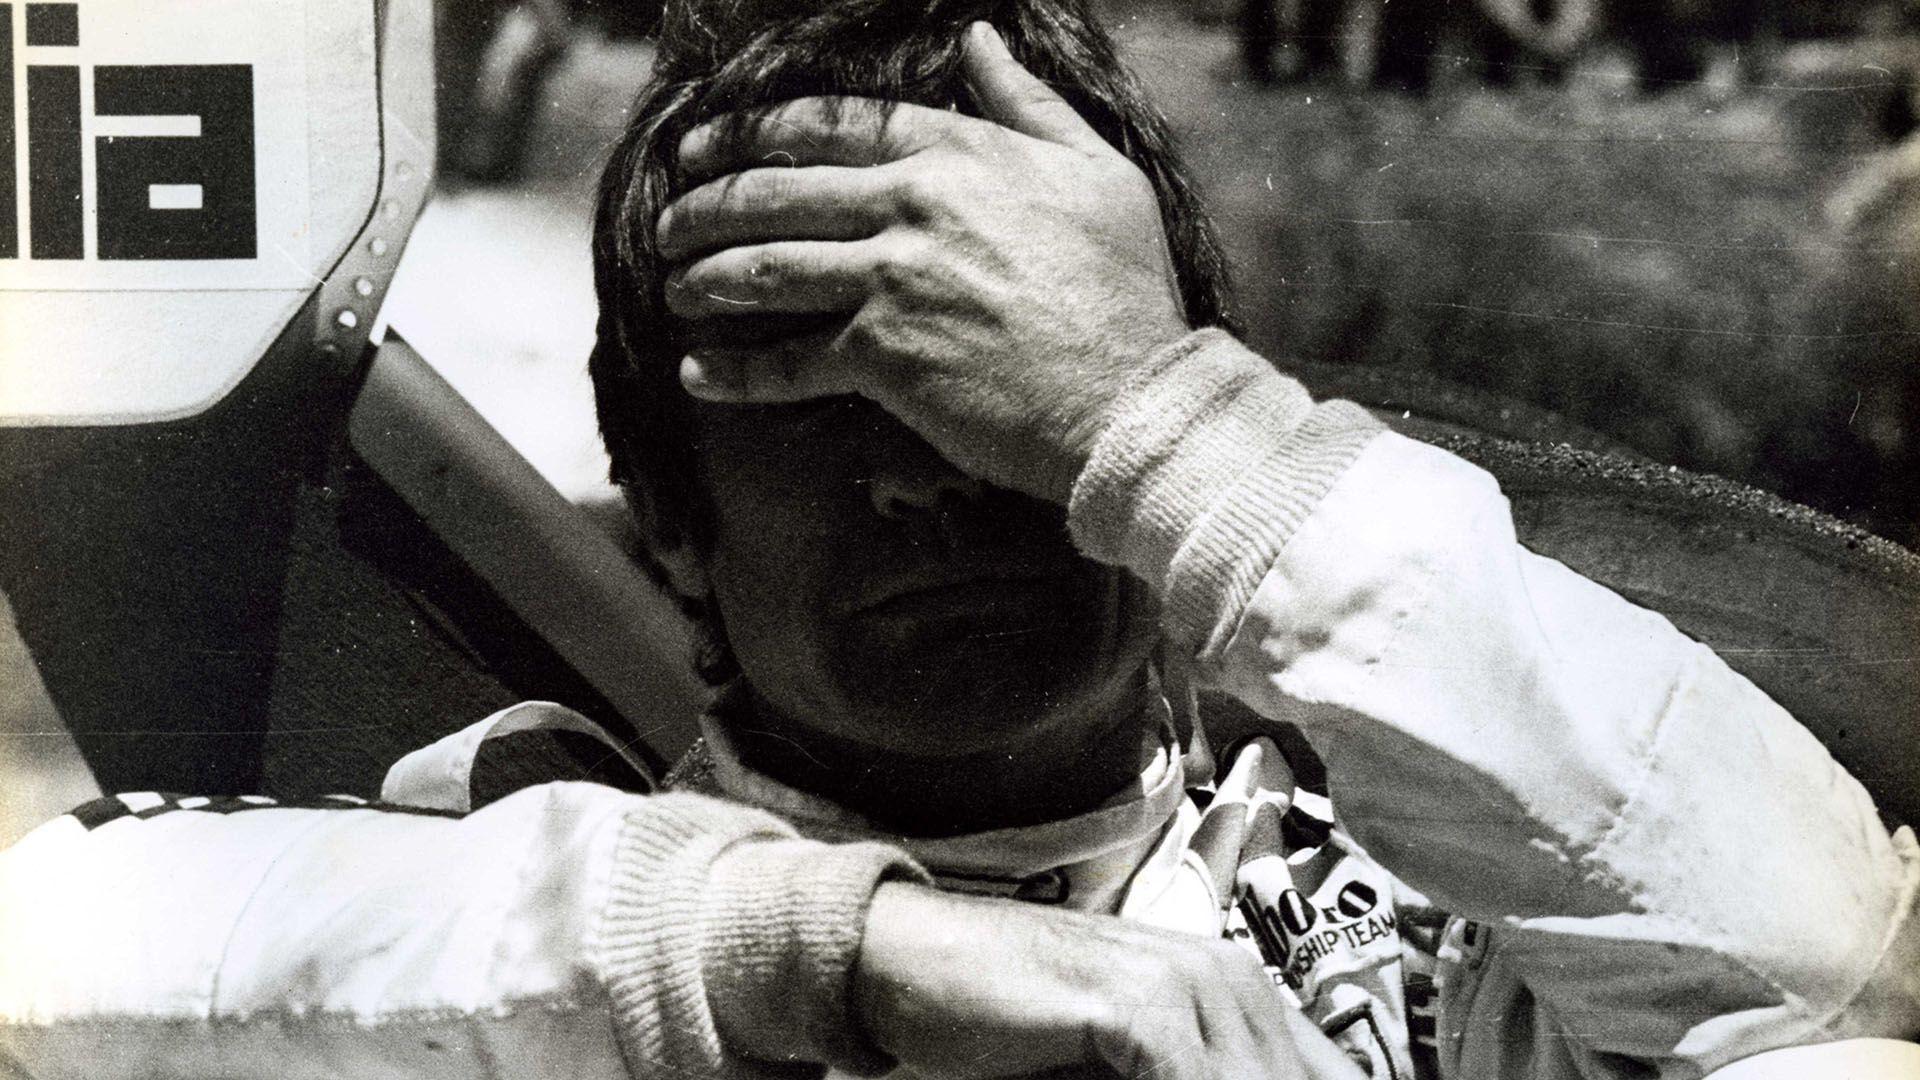 13 de enero de 1980. Debut amargo en Williams y el lamento tras su abandono en Buenos Aires (Gentileza Alejandro de Brito)